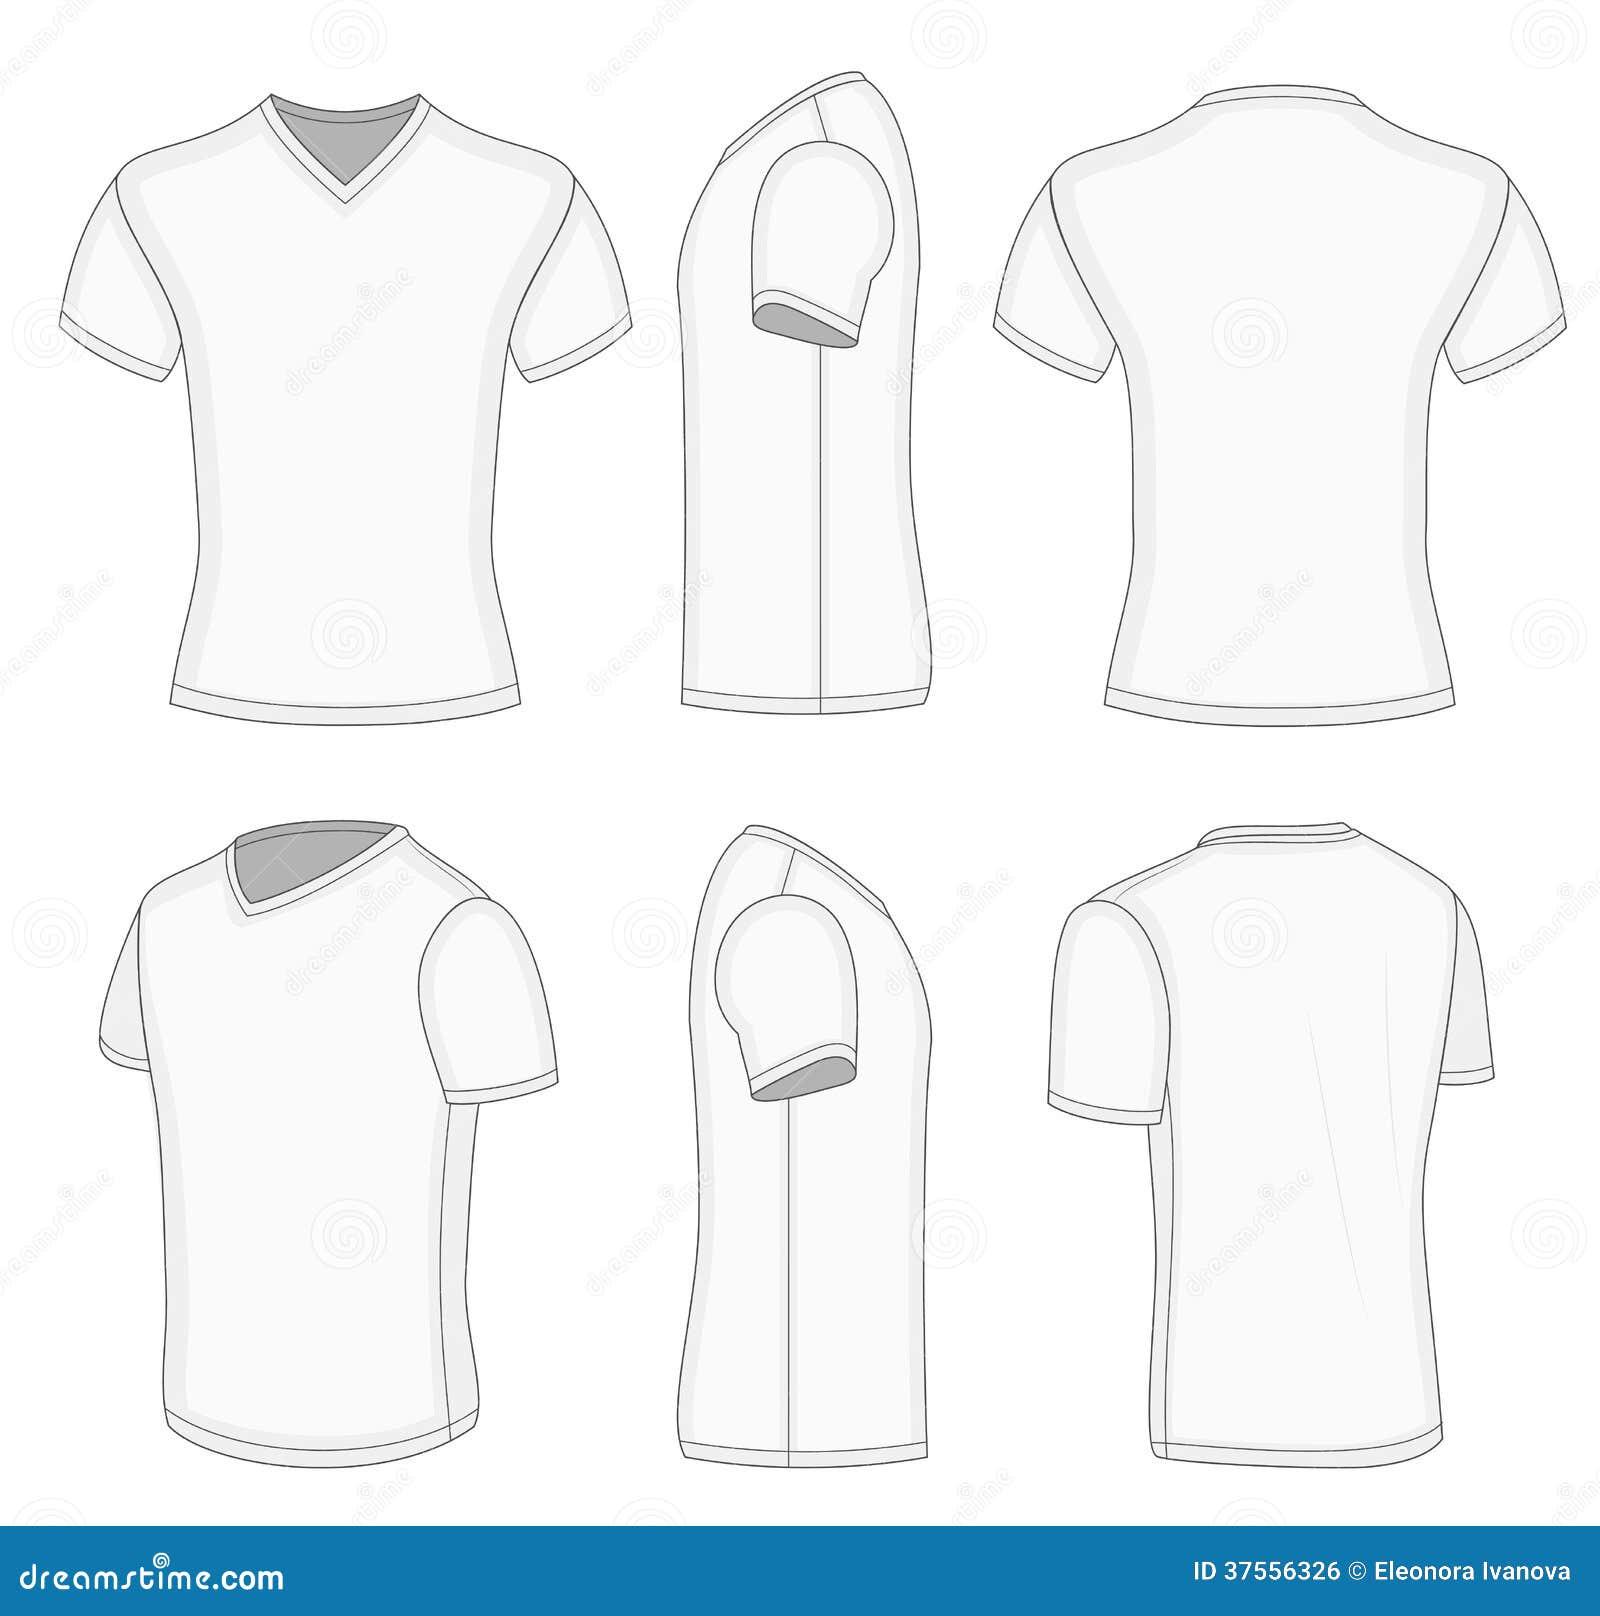 All Views Men U0026 39 S White Short Sleeve V